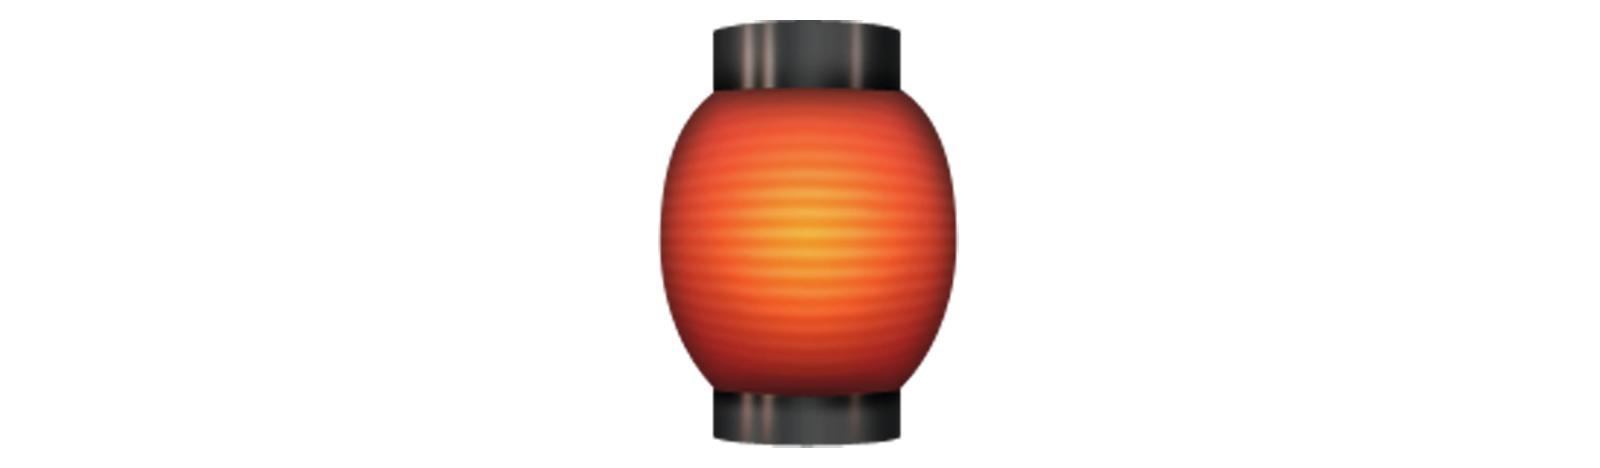 iOS: Izakaya Lantern